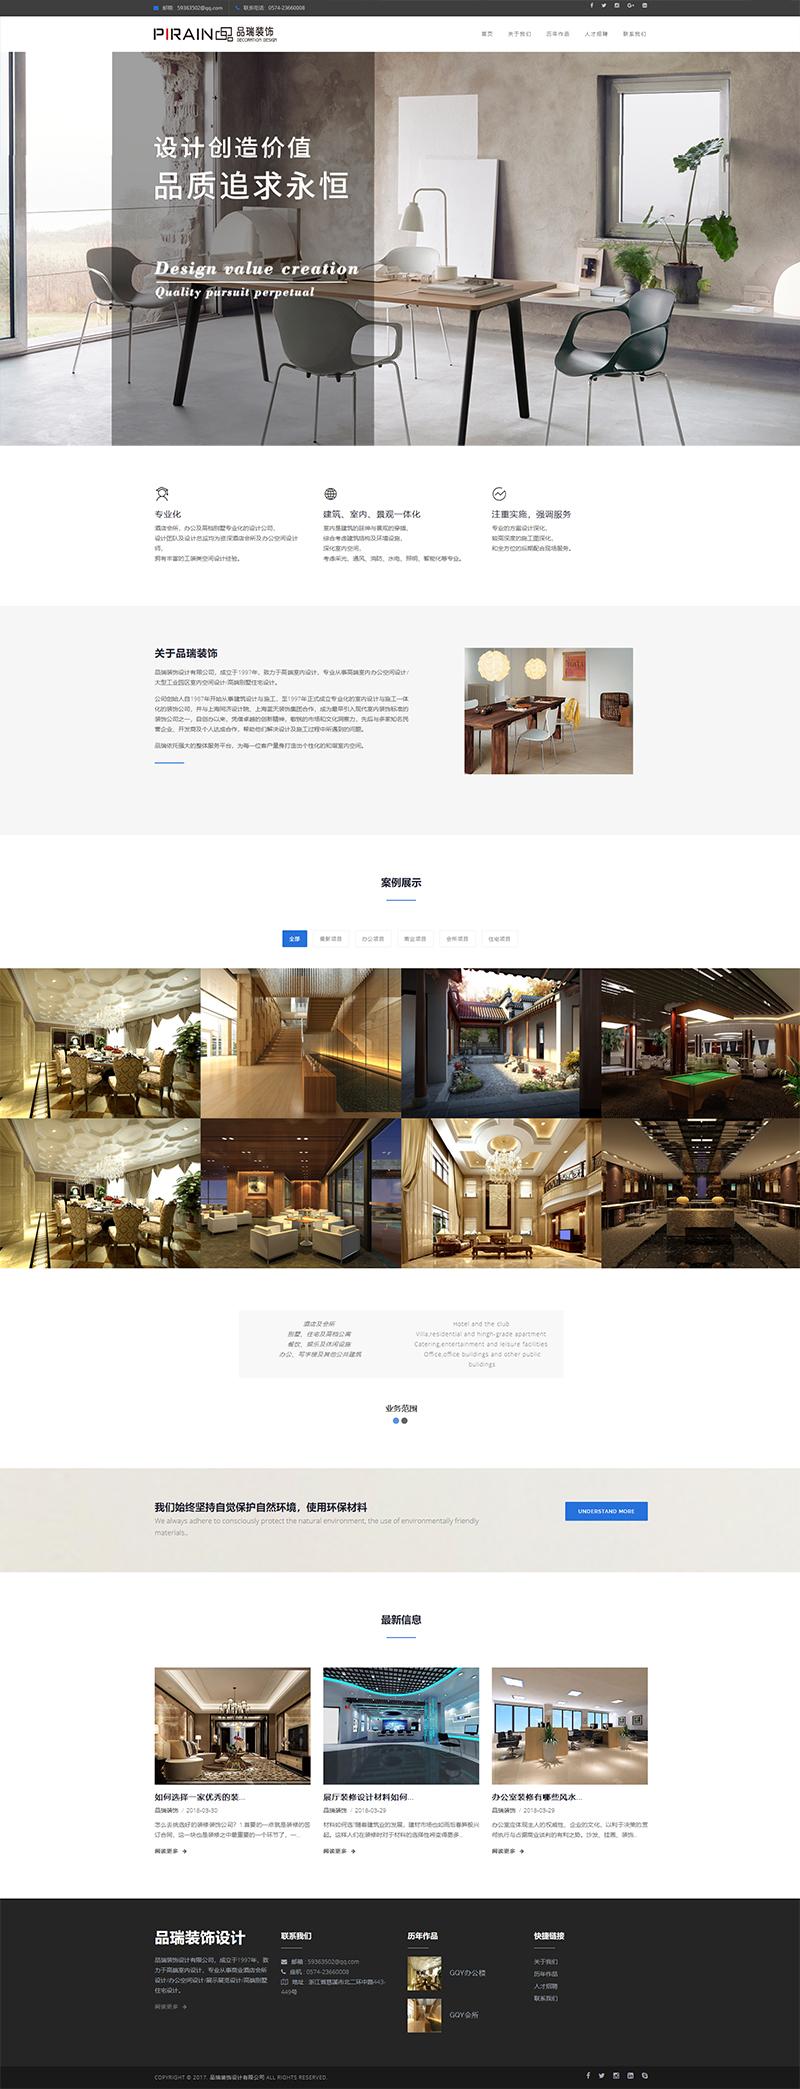 首页-品瑞装饰设计有限公司.jpg